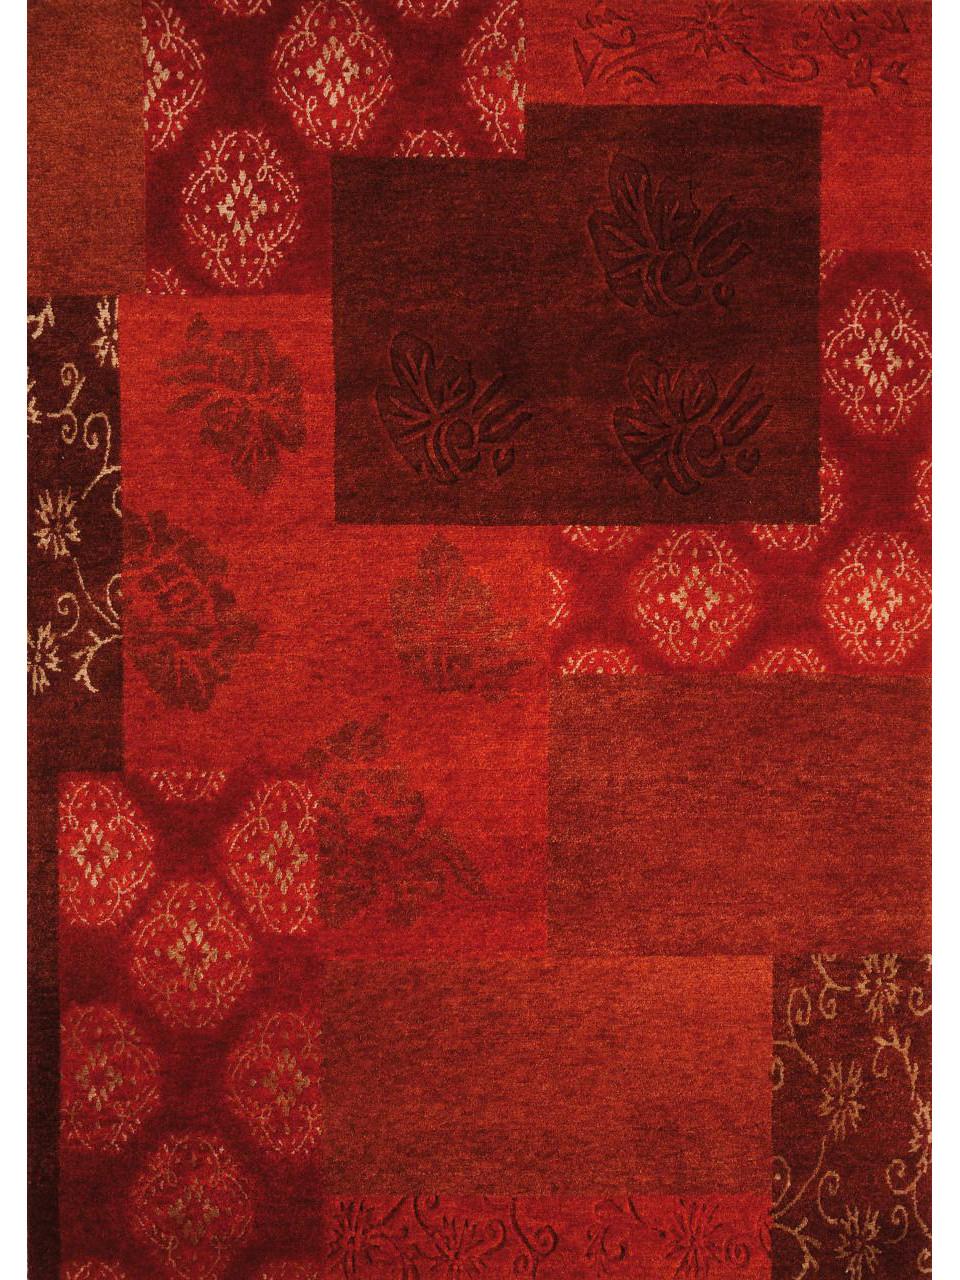 tingri rouge tapis design n 1144 300x200cm. Black Bedroom Furniture Sets. Home Design Ideas